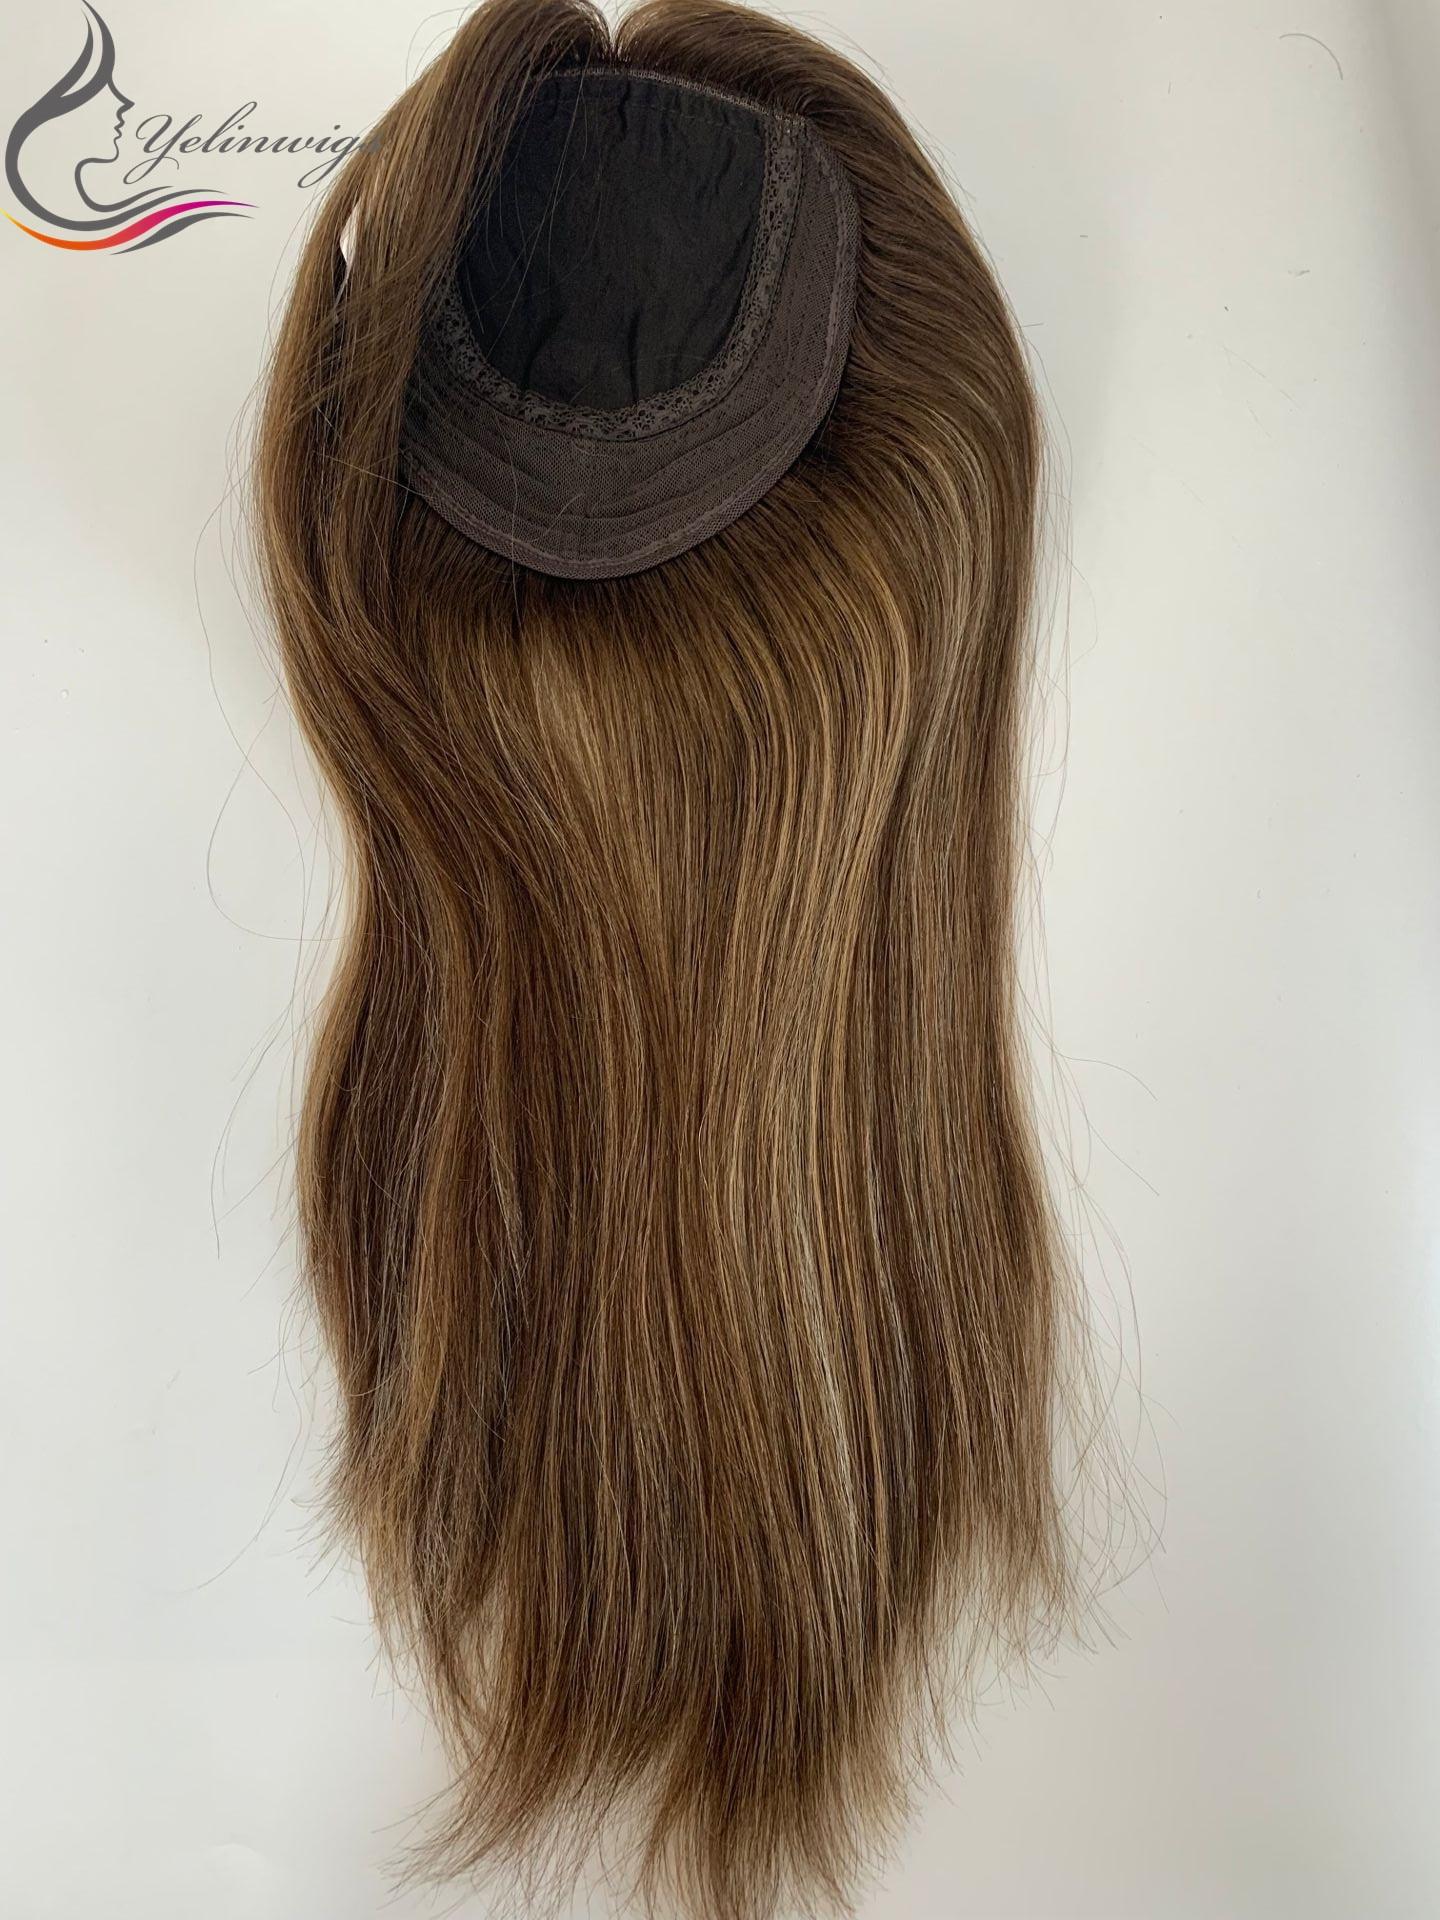 de cabelo feminino melhor venda kippah queda whopper em estoque